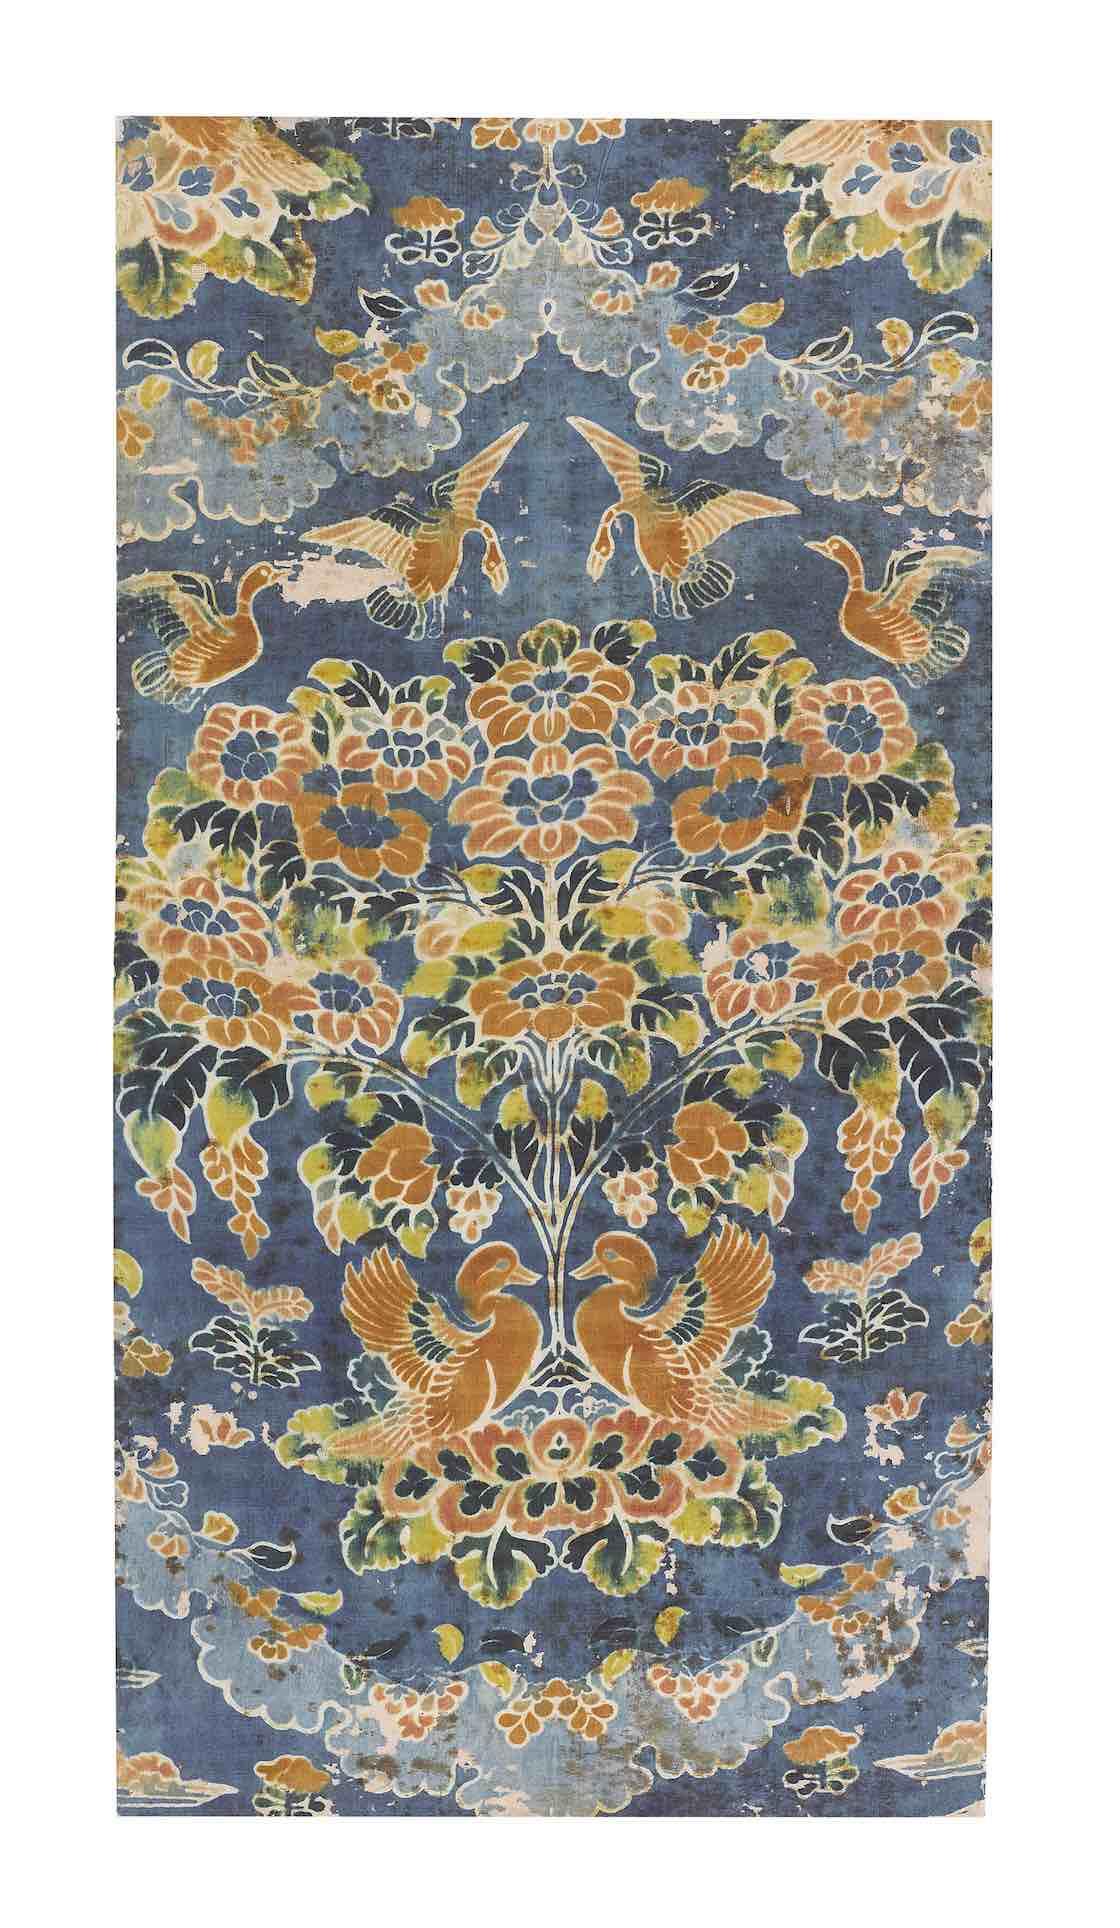 紺夾纈絁几褥 奈良時代・8世紀 正倉院宝物 【後期展示11月6日~24日】